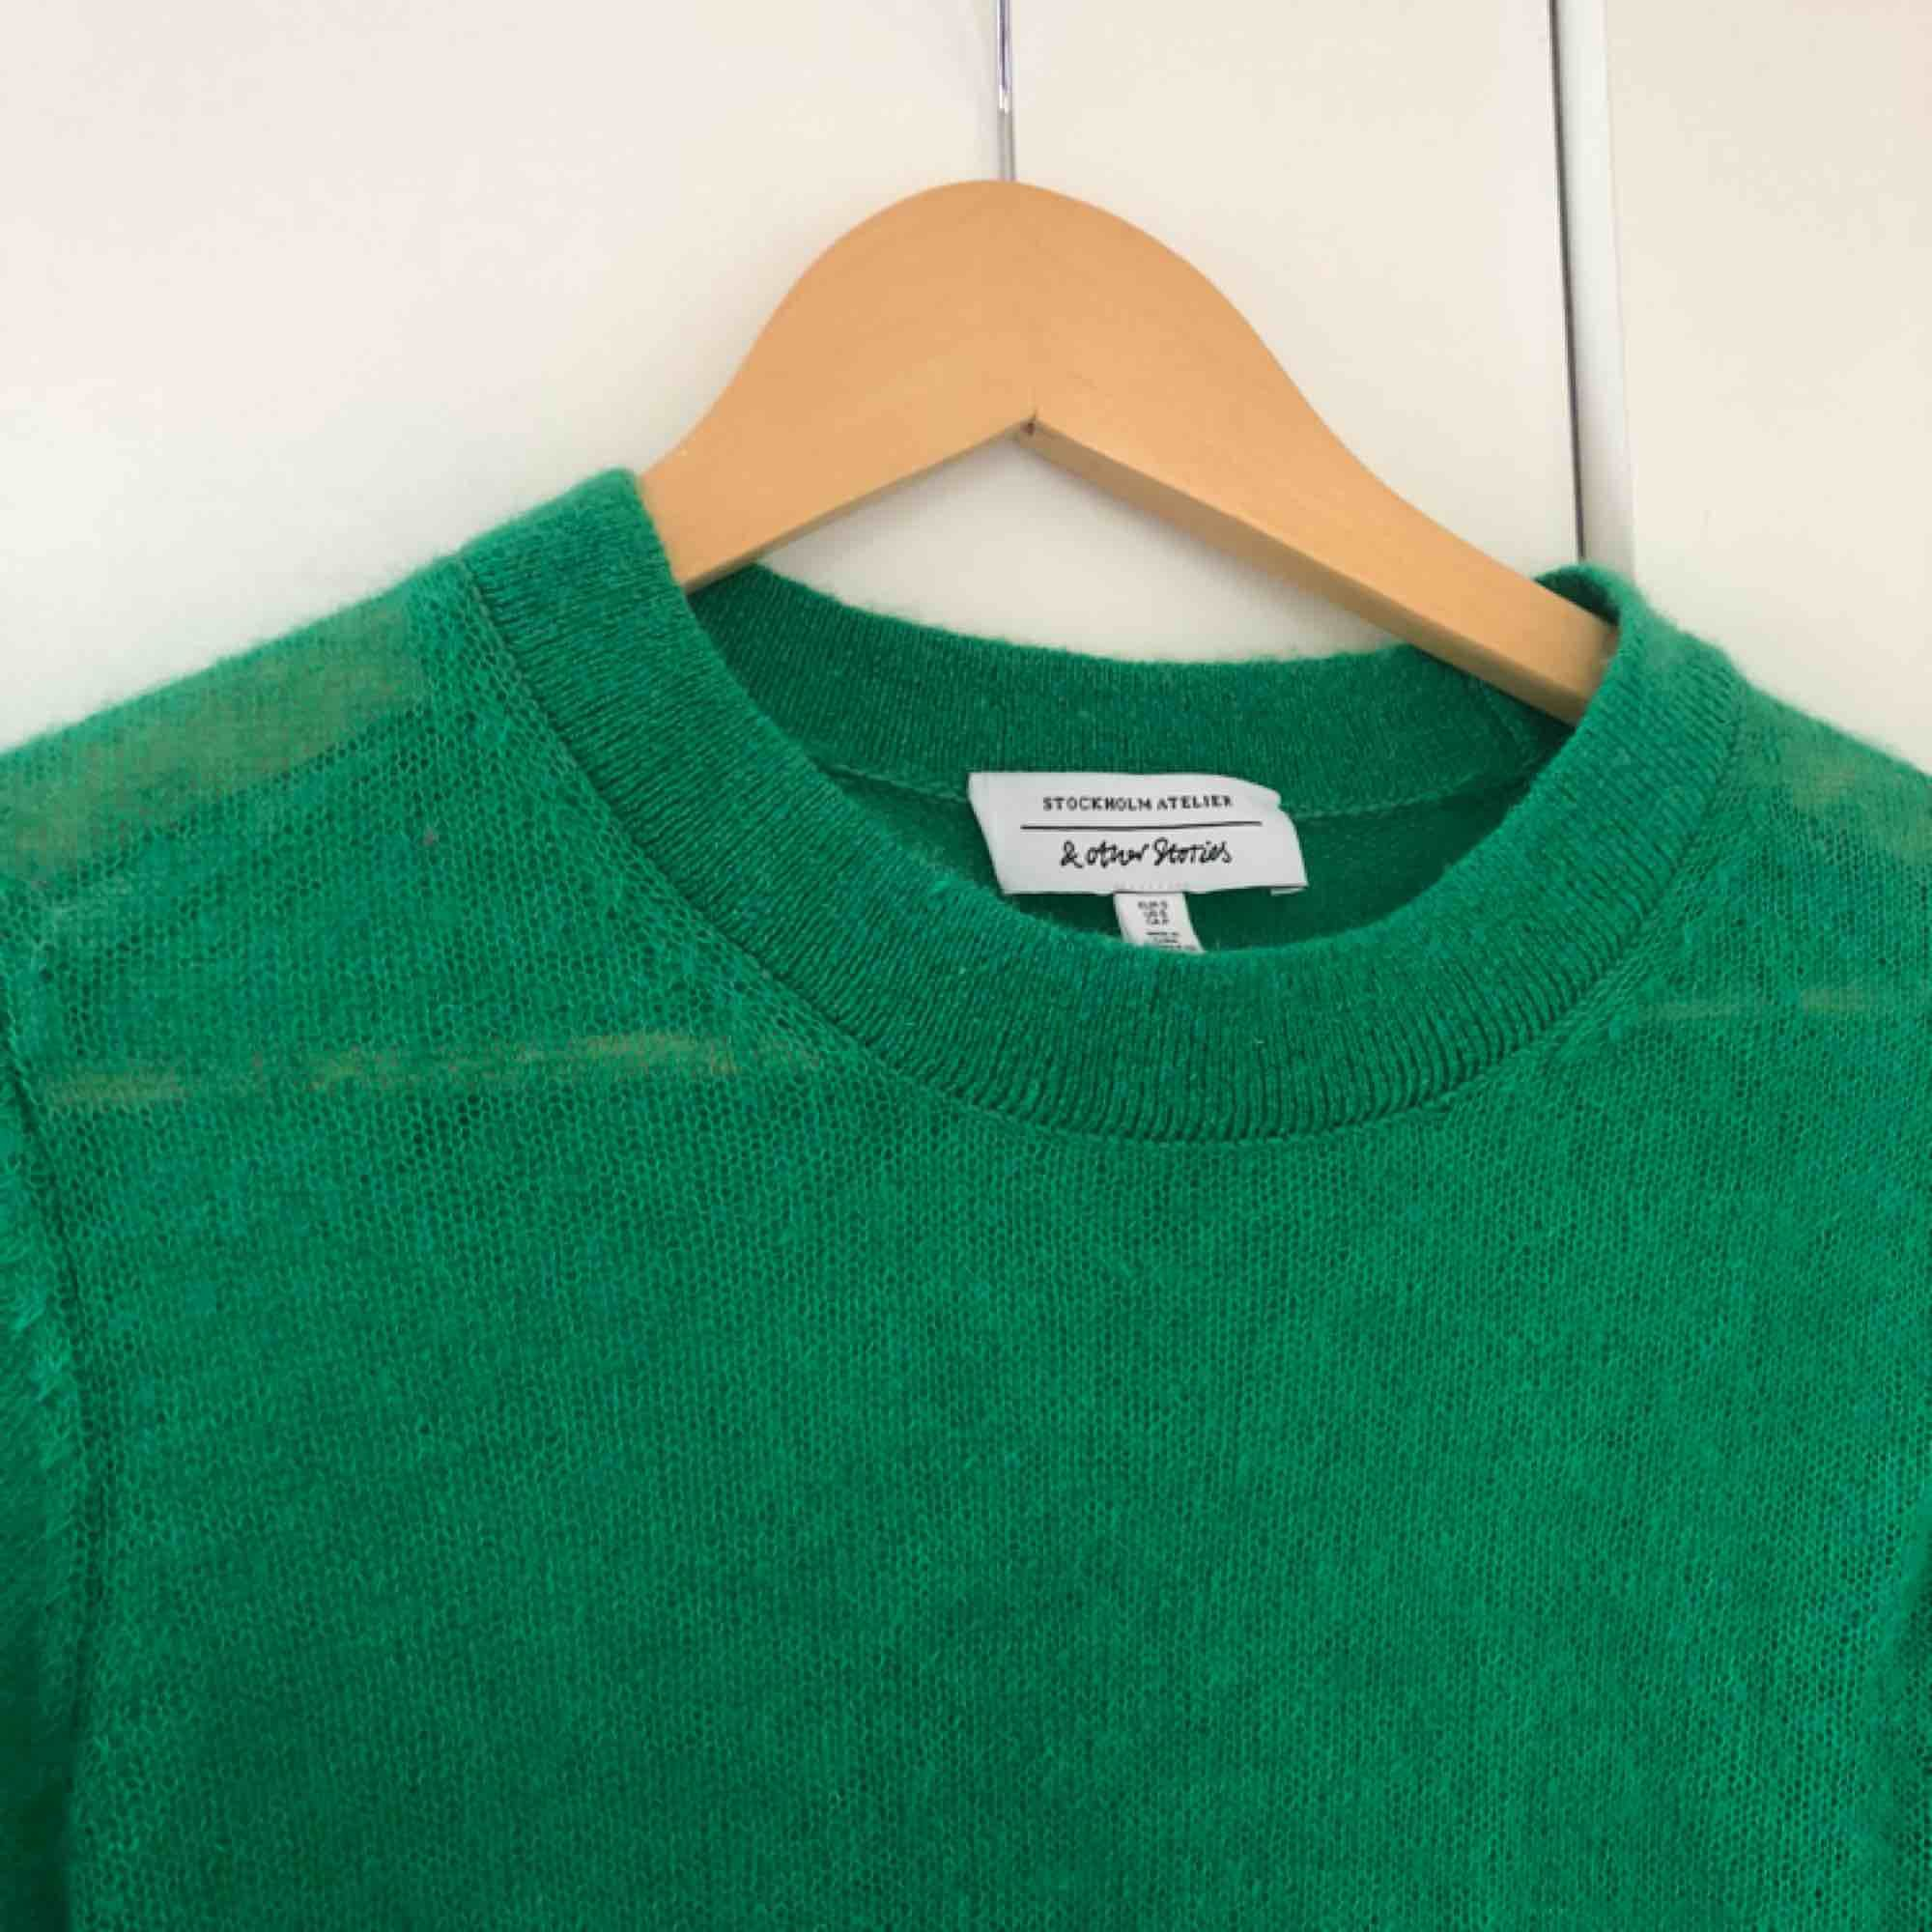 Jättefin grön tunt stickad tröja från & Other Stories. Nypris runt 500 kr. Är transparent, något croppad, i storlek S och i nyskick. . Stickat.